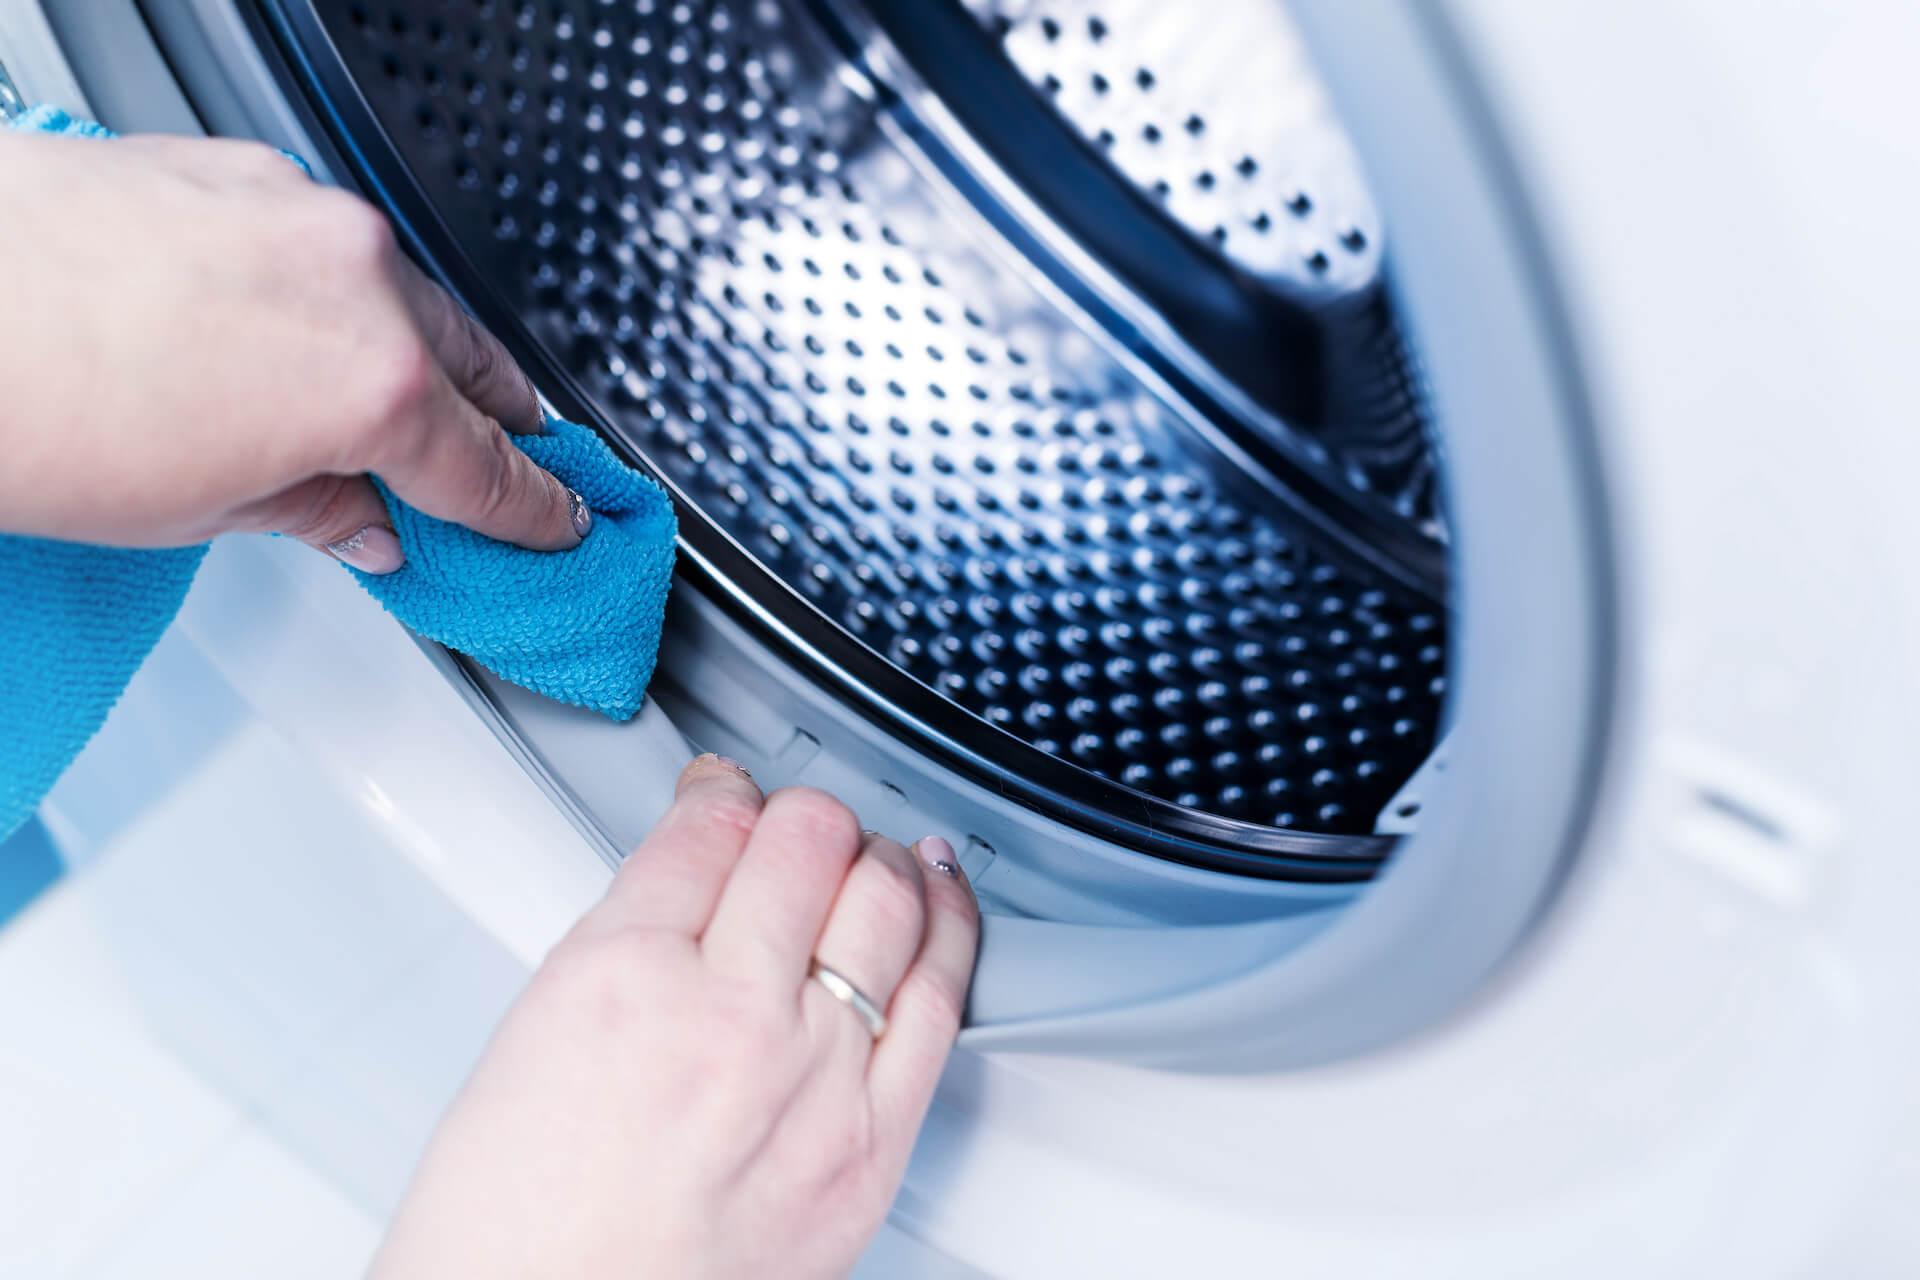 Washing detergent